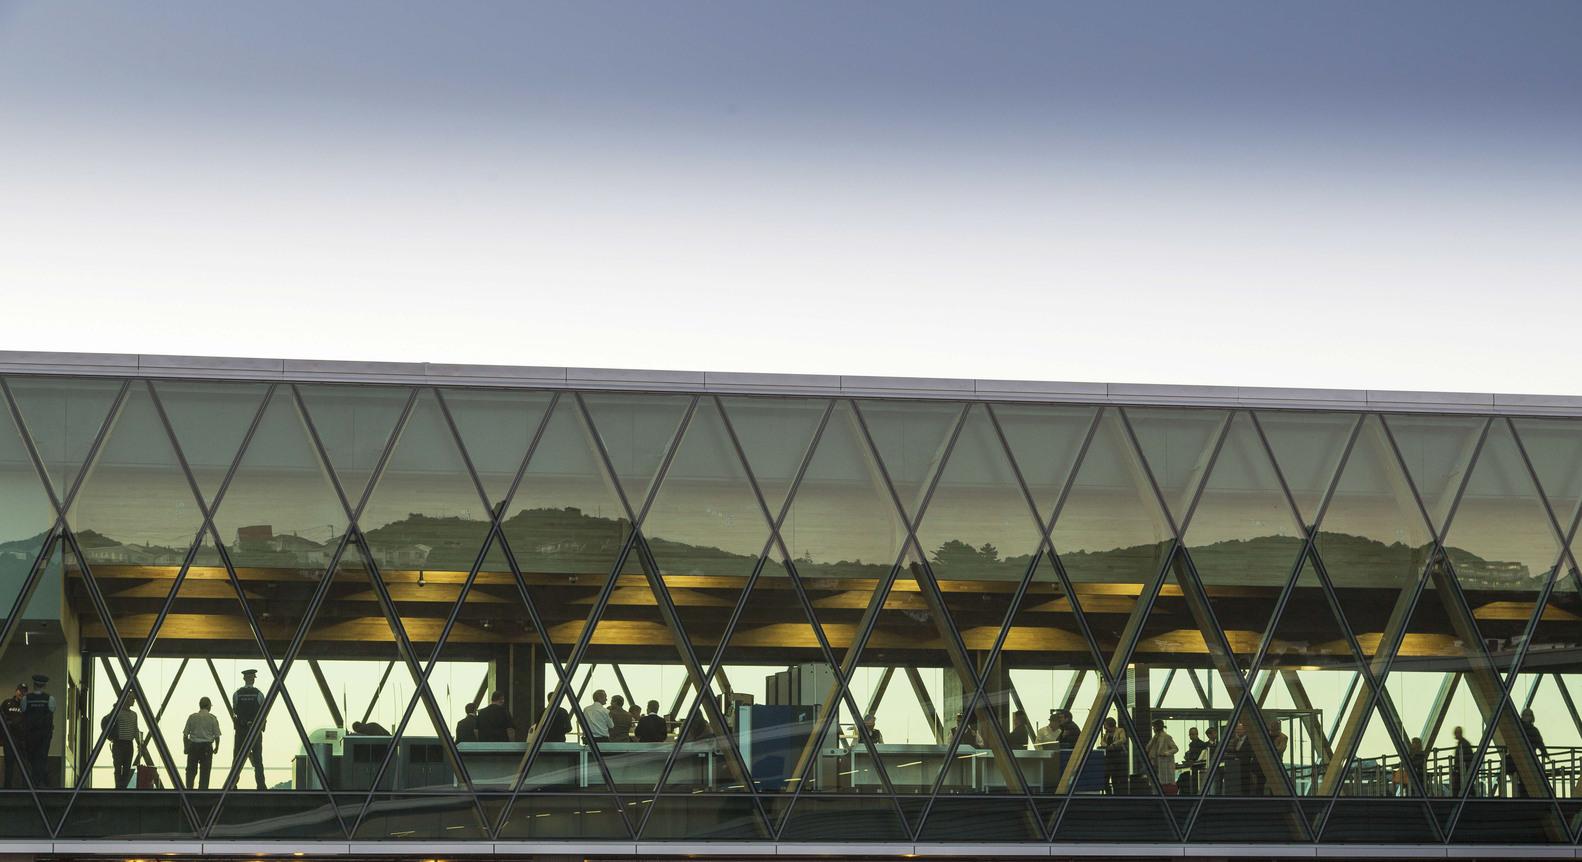 Wellington Havaalanı ek binası cephe tasarımı